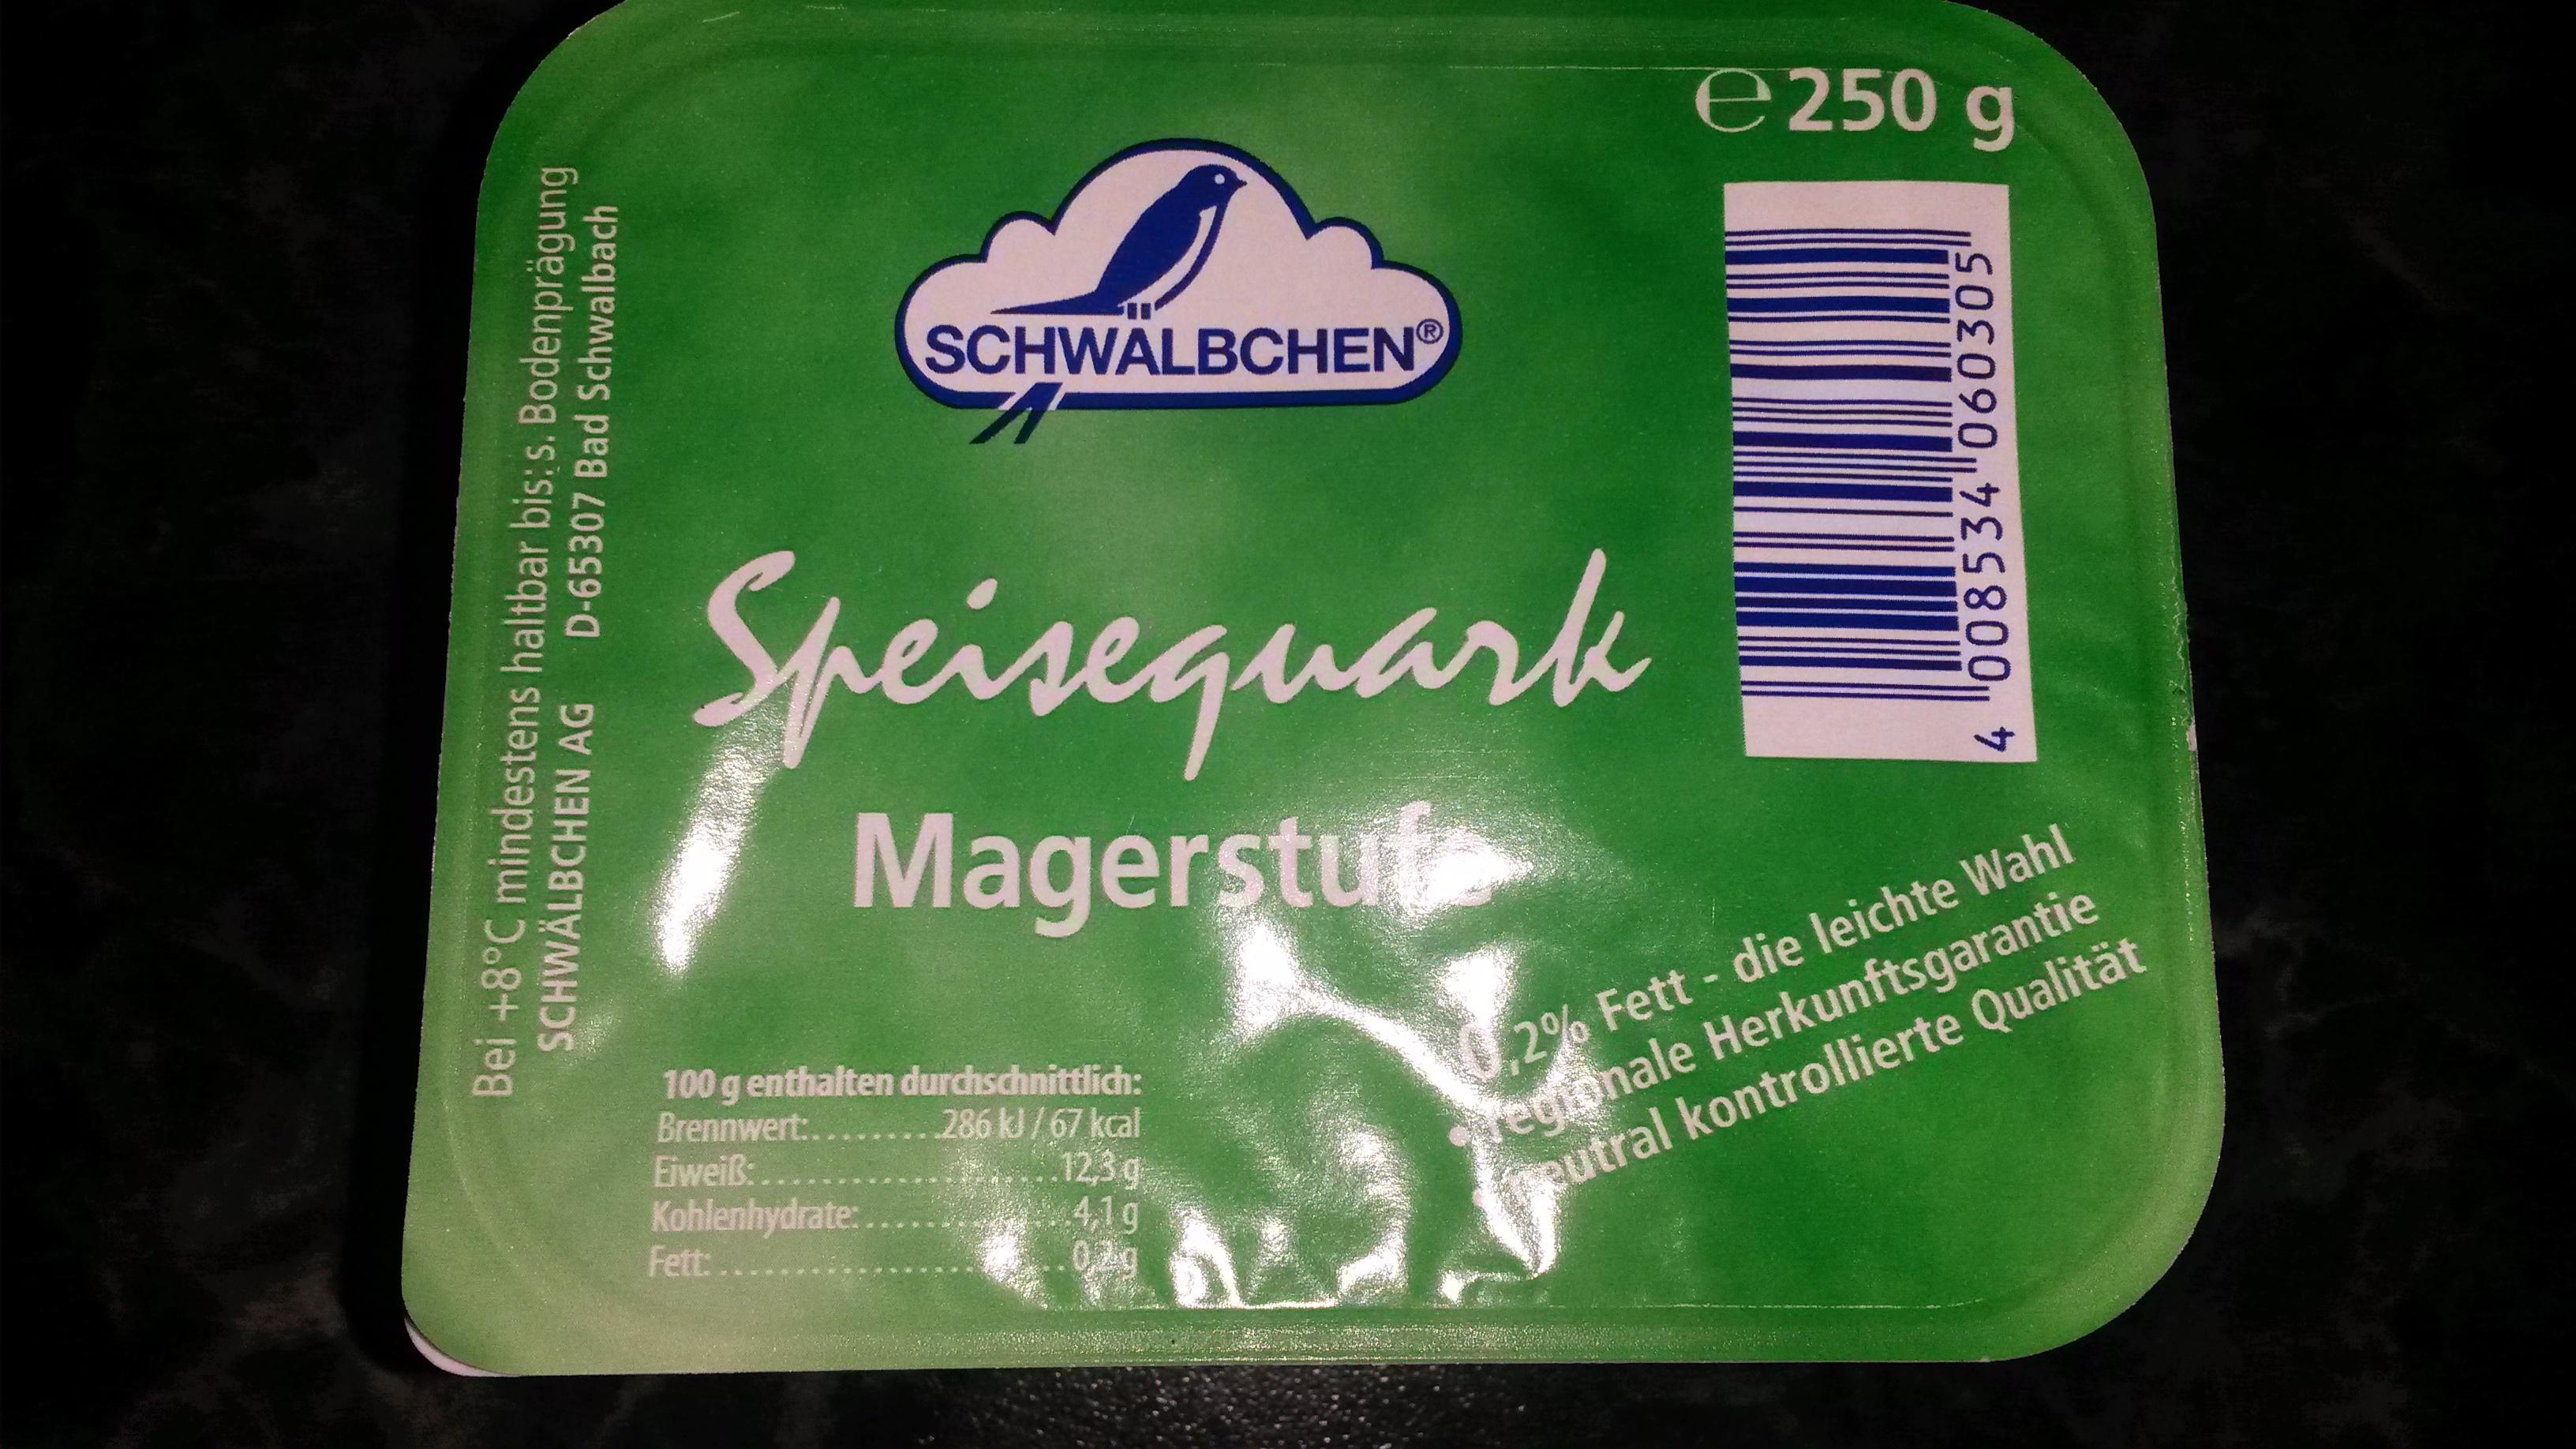 https://foodloader.net/sk0r_2013-12-08_Magerquark.jpg